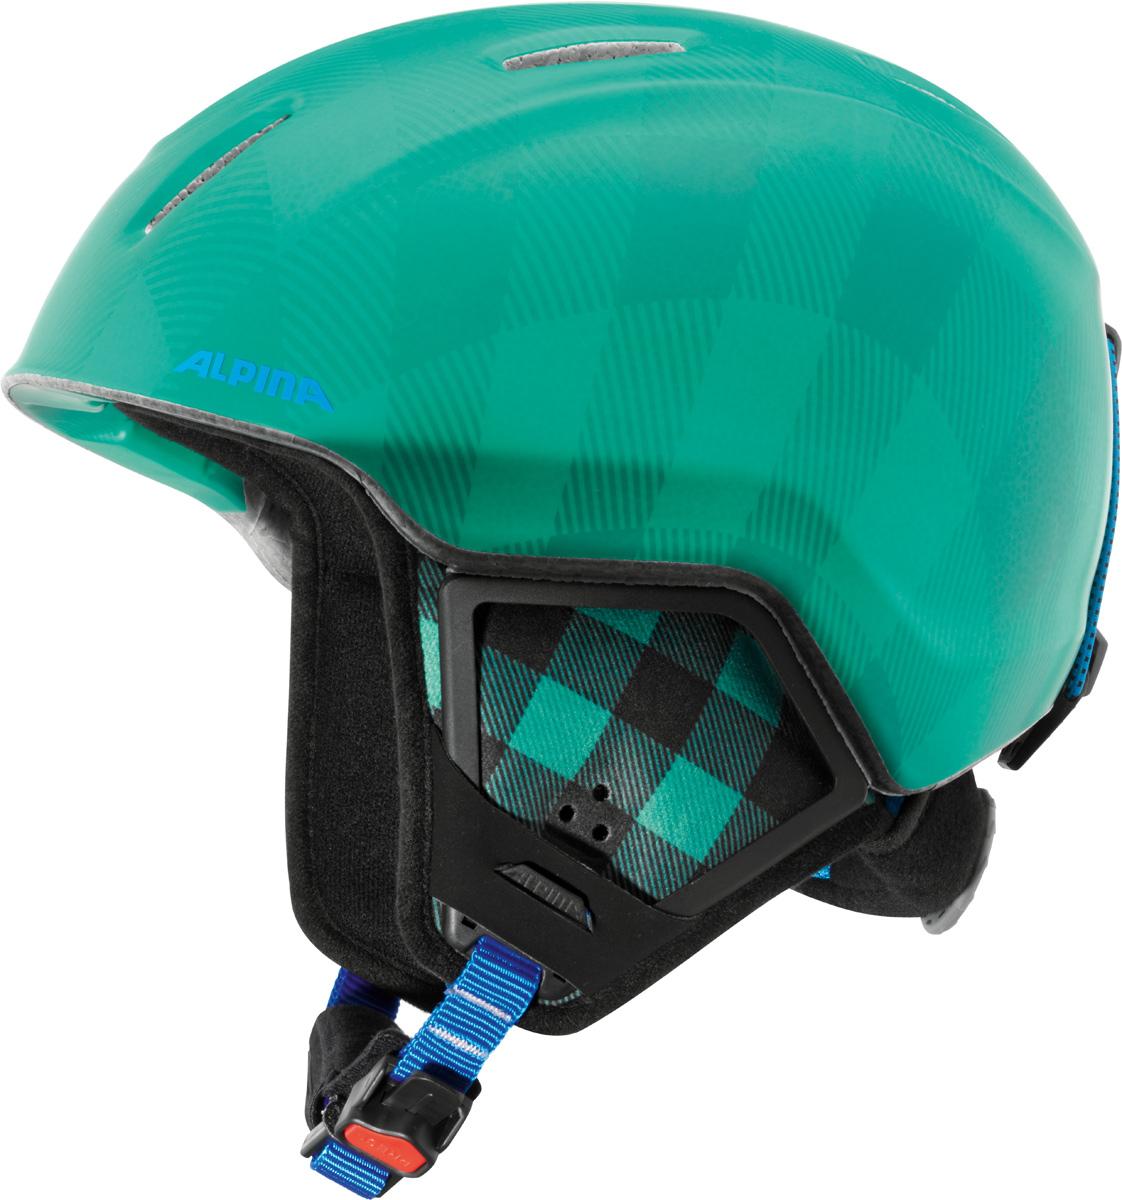 Шлем горнолыжный Alpina CARAT XT cold-green matt. Размер 54-58A9080_70Модификация популярнейшего детского горнолыжного шлема Carat с мягкими ушками, которые обеспечиваюь хорошую вентиляцию и не мешают слуху.• Вентиляционные отверстия препятствуют перегреву и позволяют поддерживать идеальную температуру внутри шлема. Для этого инженеры Alpina используют эффект Вентури, чтобы сделать циркуляцию воздуха постоянной и максимально эффективной.• Внутренник шлема легко вынимается, стирается, сушится и вставляется обратно.• Из задней части шлема можно достать шейный утеплитель из мякого микро-флиса. Этот теплый воротник также защищает шею от ударов на высокой скорости и при сибирских морозах. В удобной конструкции отсутствуют точки давления на шею.• Прочная и лёгкая конструкция In-mold. Тонкая и прочная поликарбонатная оболочка под воздействием высокой температуры и давления буквально сплавляется с гранулами EPS, которые гасят ударную нагрузку.• Внутренная оболочка каждого шлема Alpina состоит из гранул HI-EPS (сильно вспененного полистирола). Микроскопические воздушные карманы эффективно поглощают ударную нагрузку и обеспечивают высокую теплоизоляцию. Эта технология позволяет достичь минимальной толщины оболочки. А так как гранулы HI-EPS не впитывают влагу, их защитный эффект не ослабевает со временем.• Удобная и точная система регулировки Run System Ergo Snow позволяет быстро и комфортно подогнать шлем по голове, без создания отдельных точек избыточного давления.• Y-образный ремнераспределитель двух ремешков находится под ухом и обеспечивает быструю и точную посадку шлема на голове.• Вместо фастекса на ремешке используется красная кнопка с автоматическим запирающим механизмом, которую легко использовать даже в лыжных перчатках. Механизм защищён от произвольного раскрытия при падении.